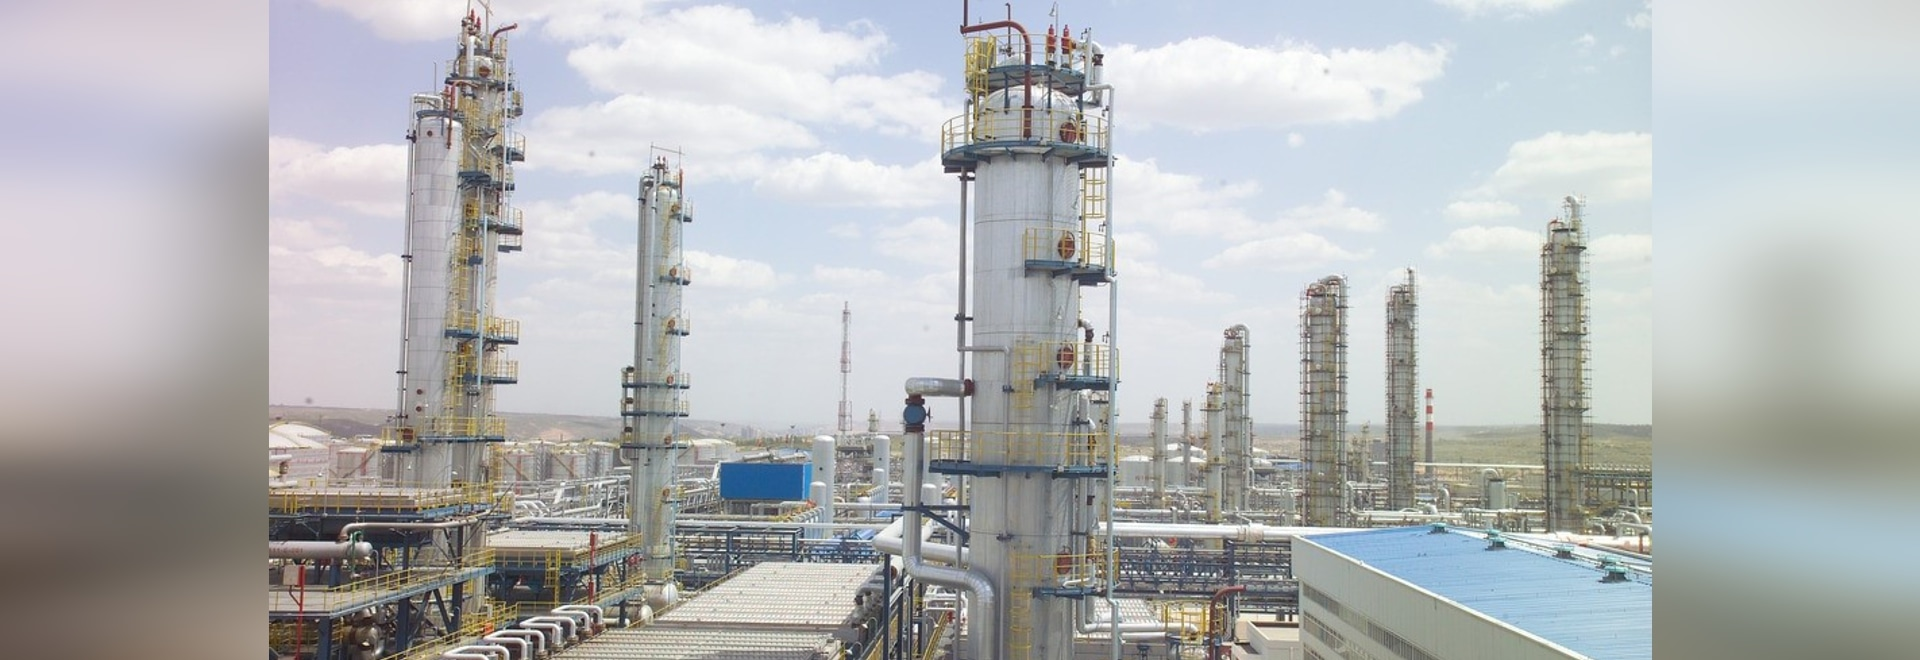 Proyecto de la caprolactama en el campo del proceso químico